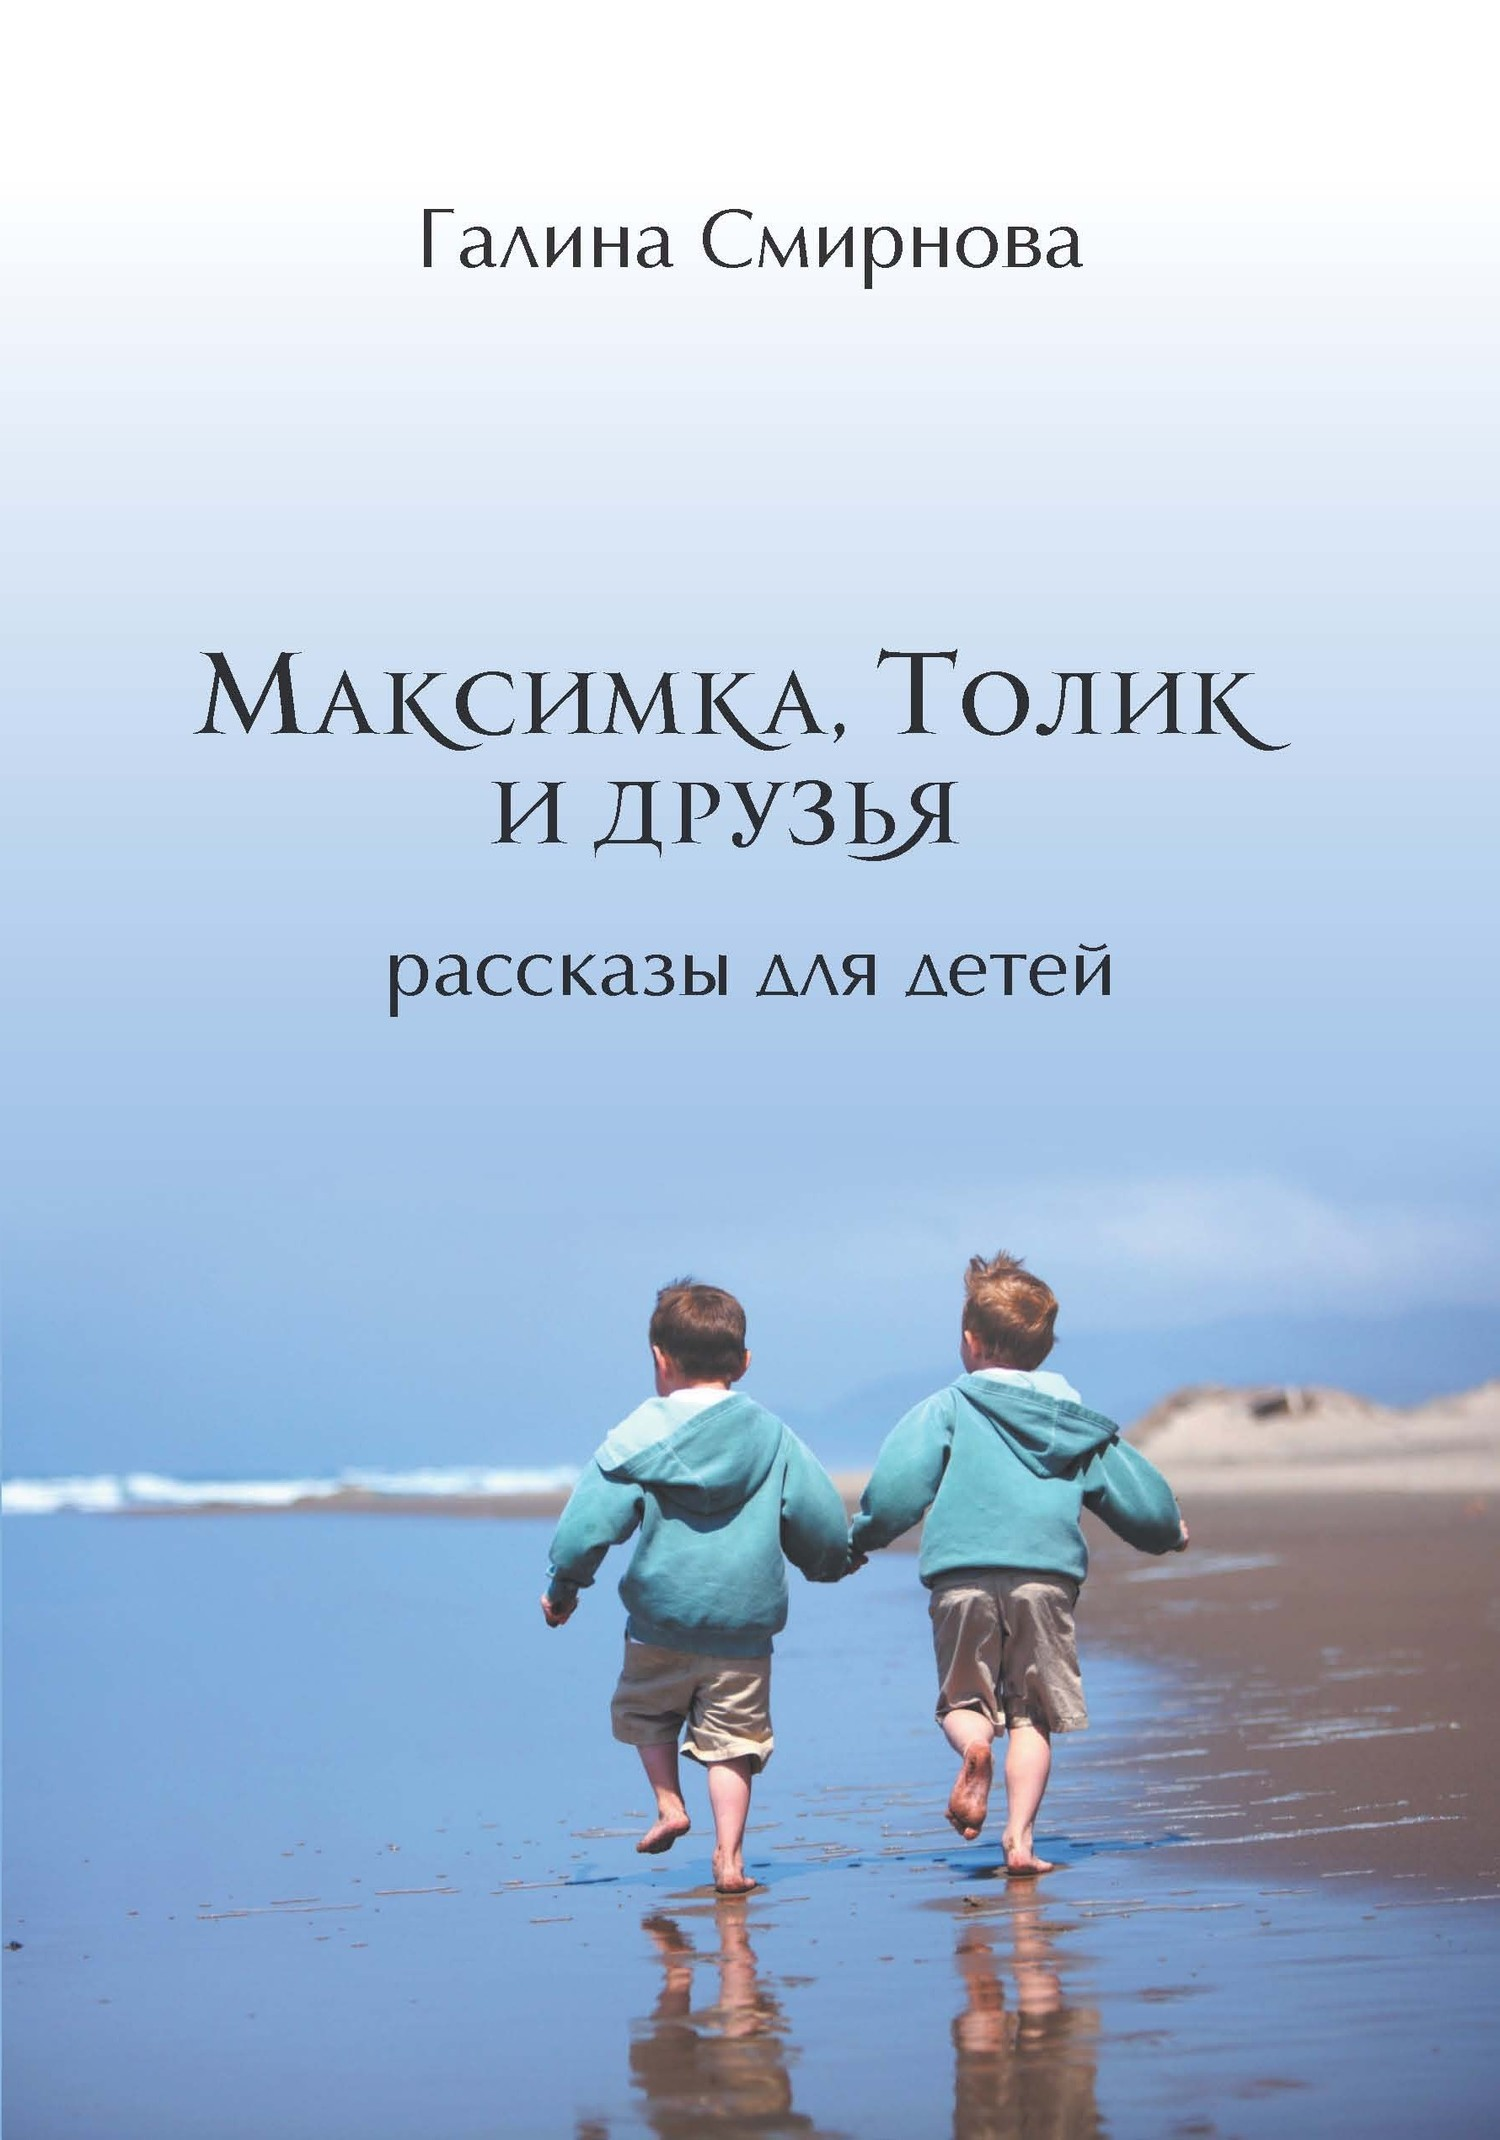 Максимка, Толик и друзья (сборник)